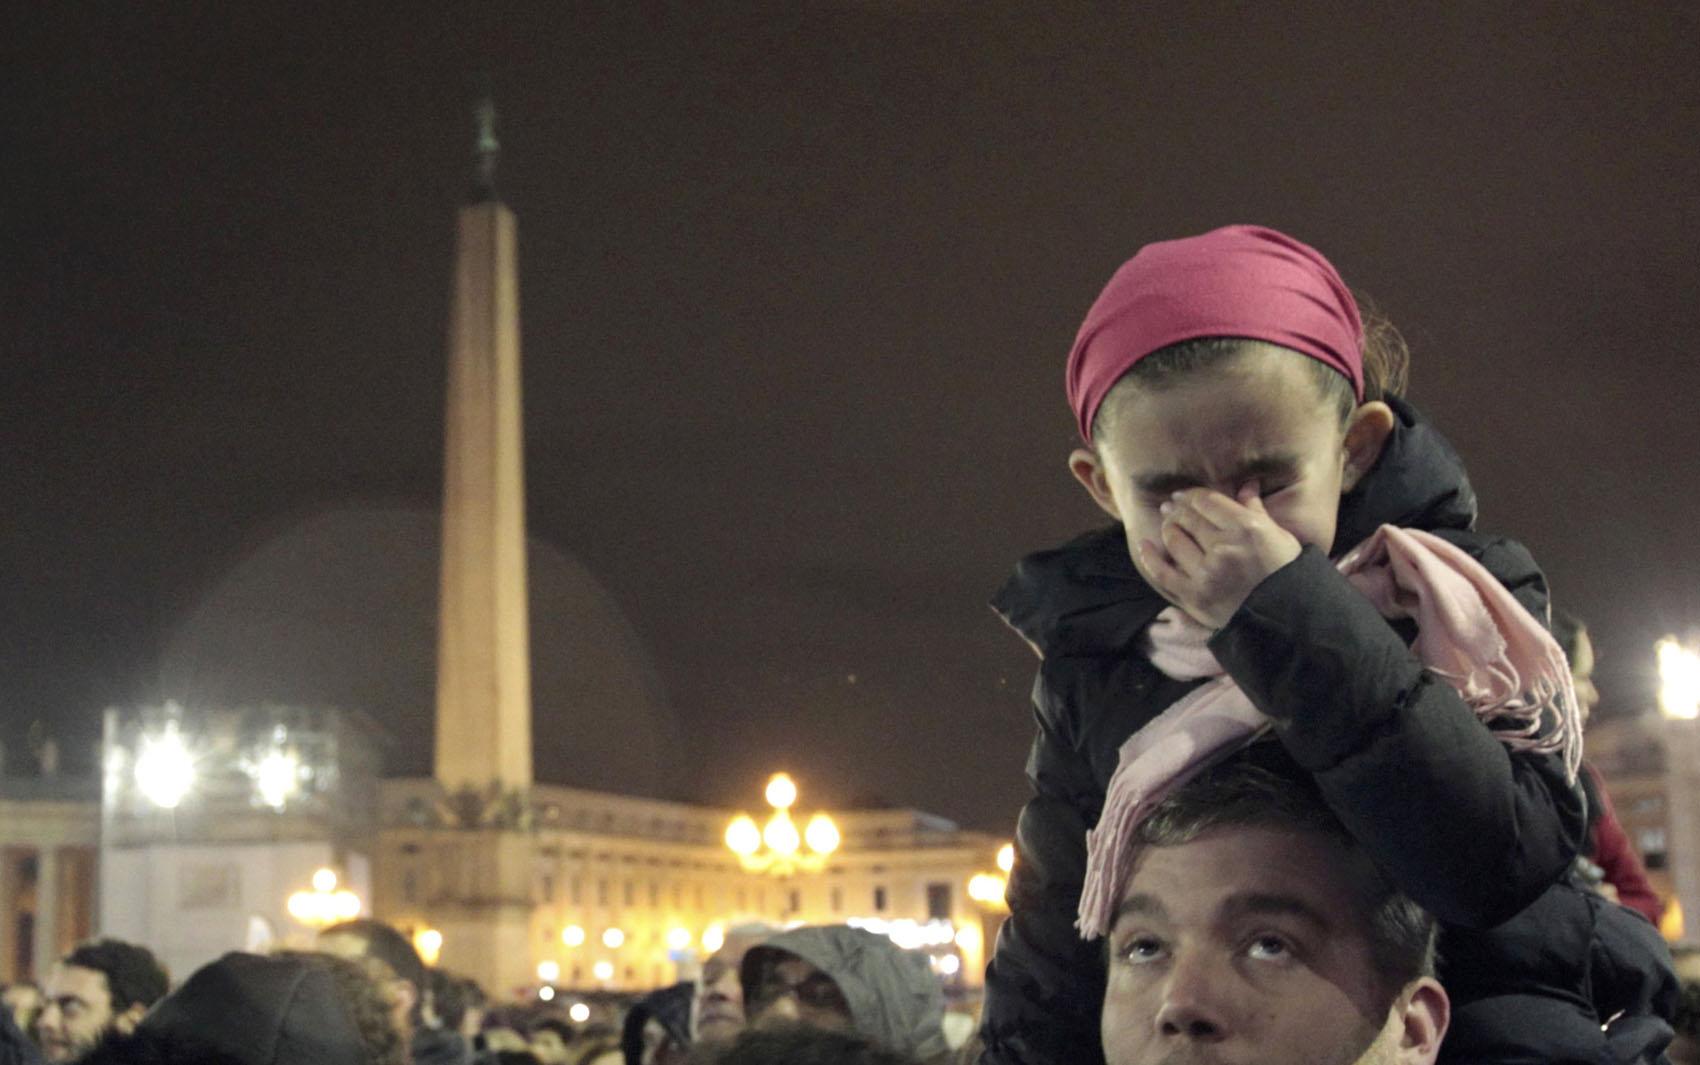 13 de março - Garota se emociona com a escolha do novo Papa